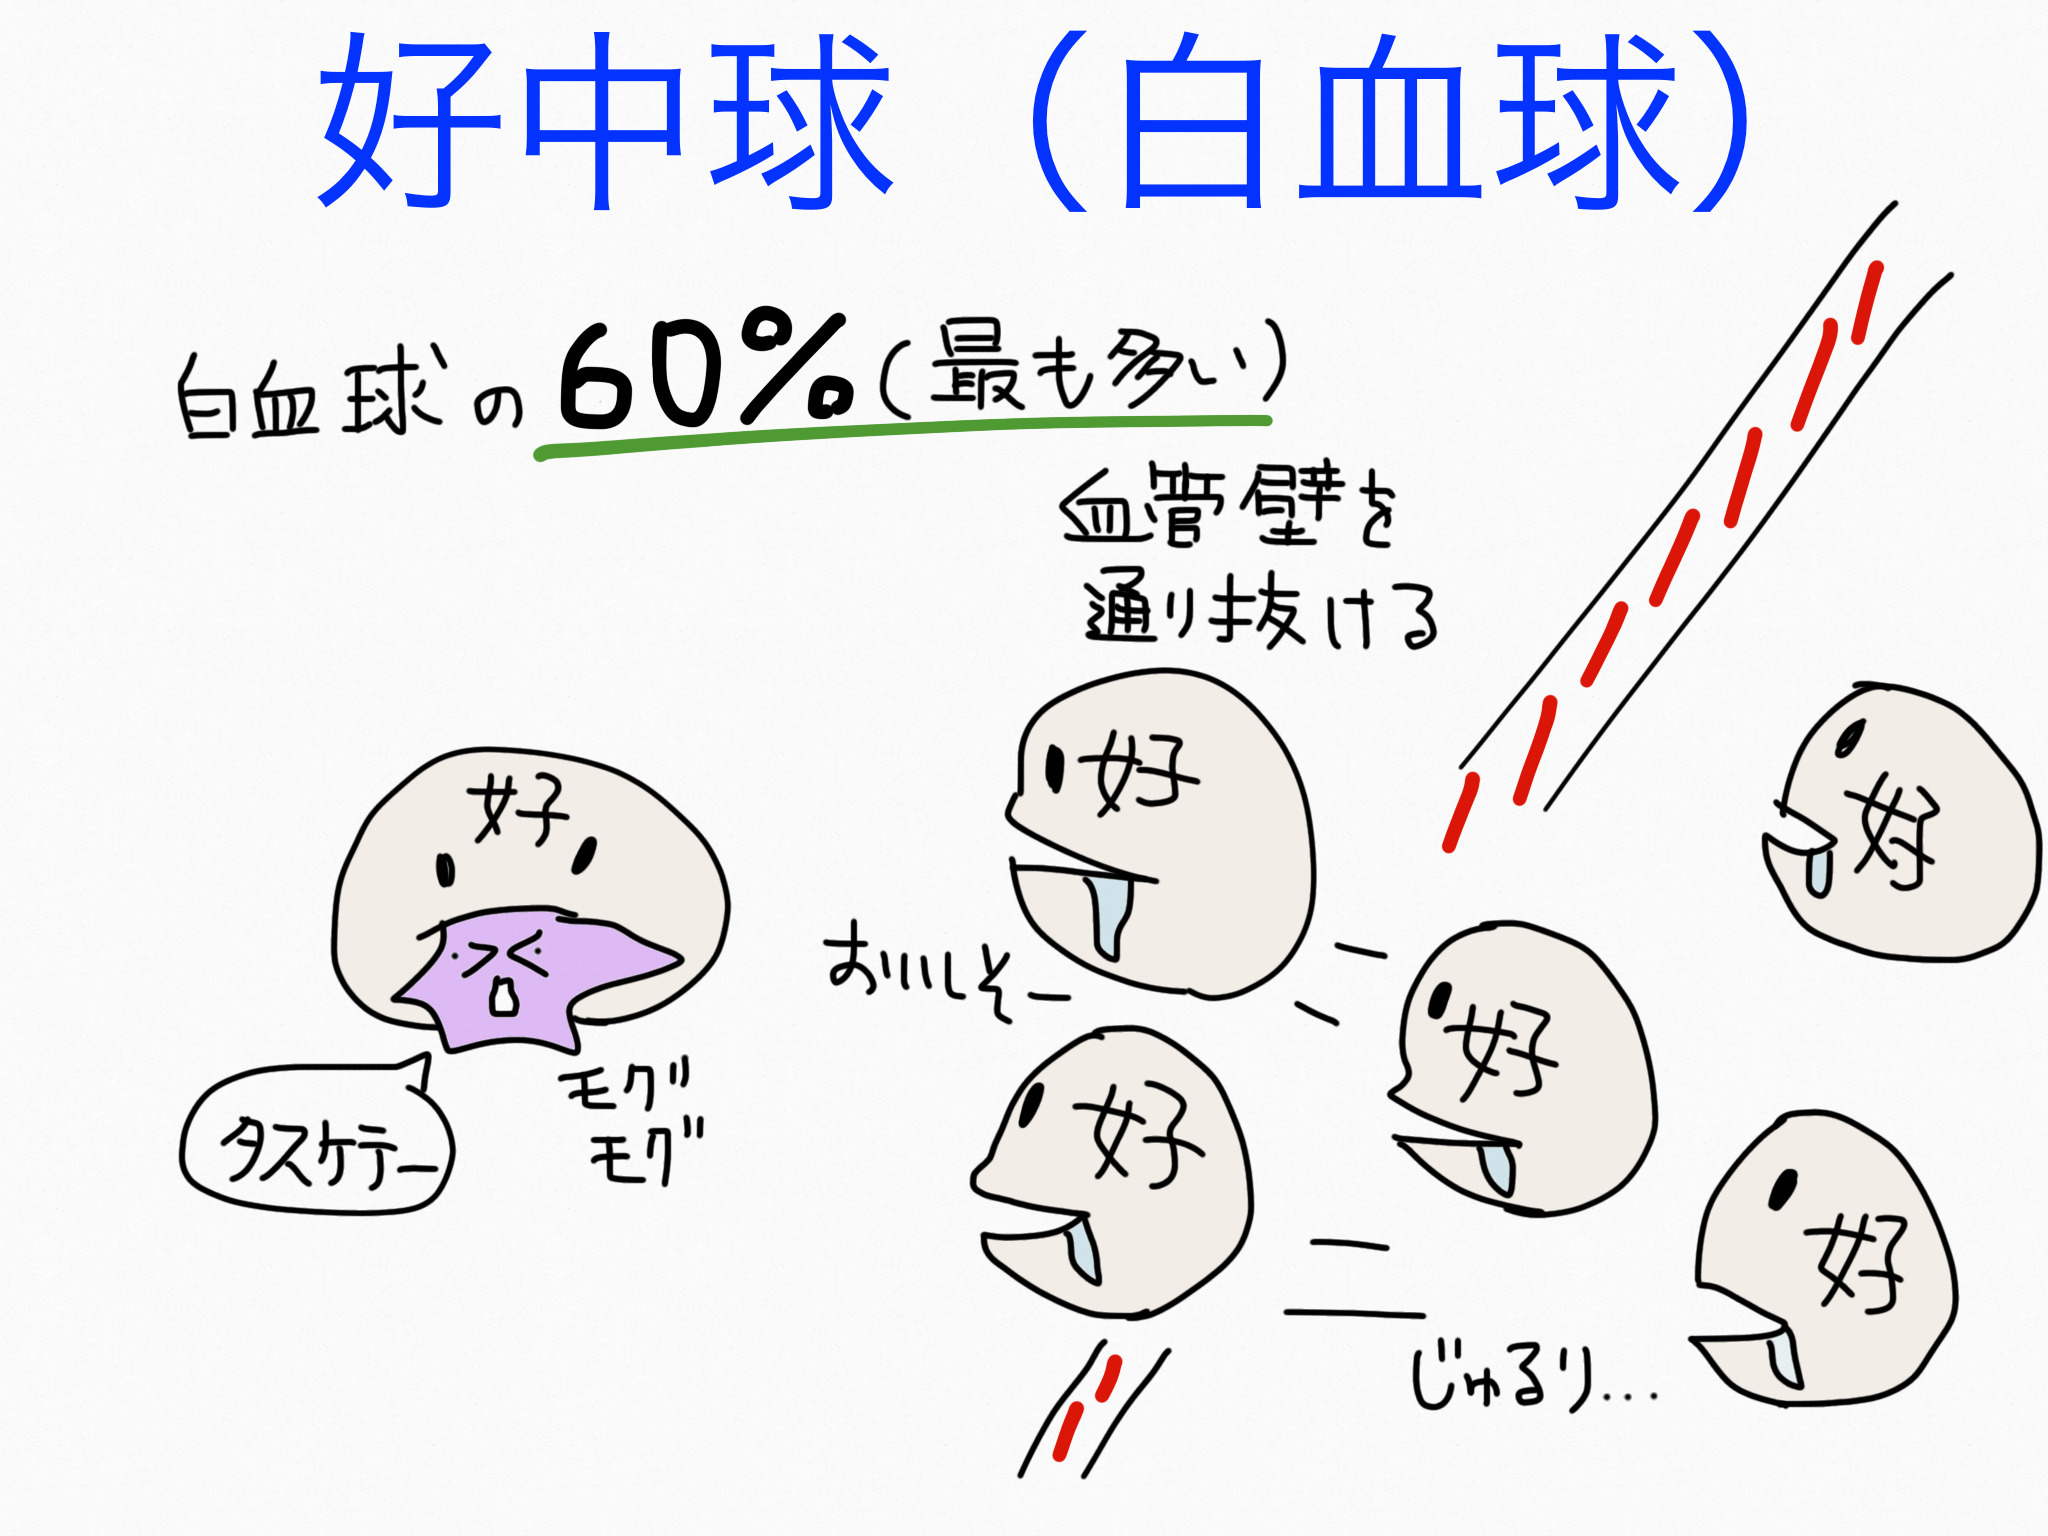 循環器系/白血球(好中球・リンパ球・単球)【第2章の覚え方】